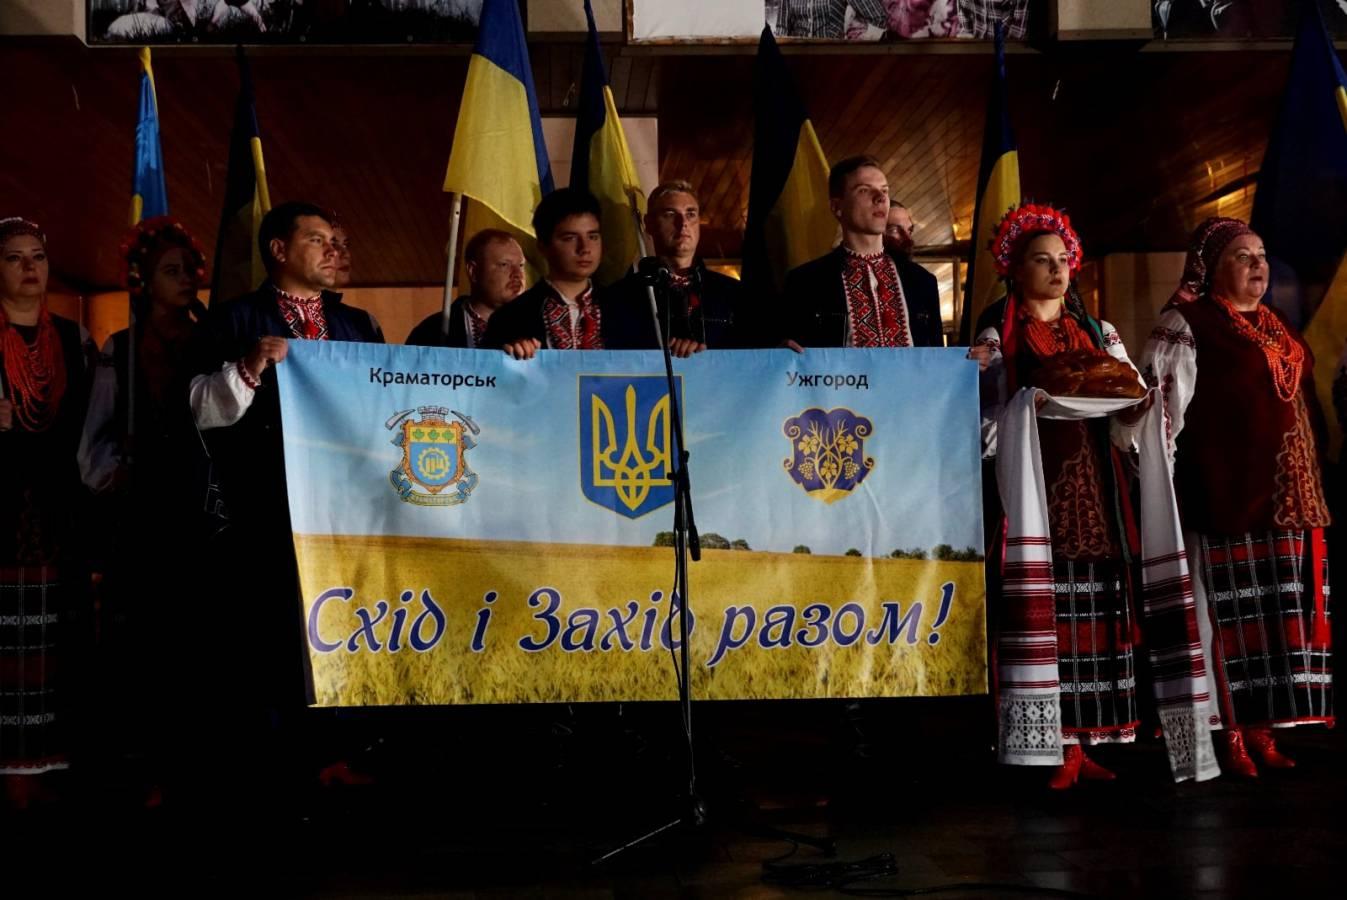 Ужгород розпочав святкування 30-ї річниці Незалежності традиційною молитвою за Україну на світанку